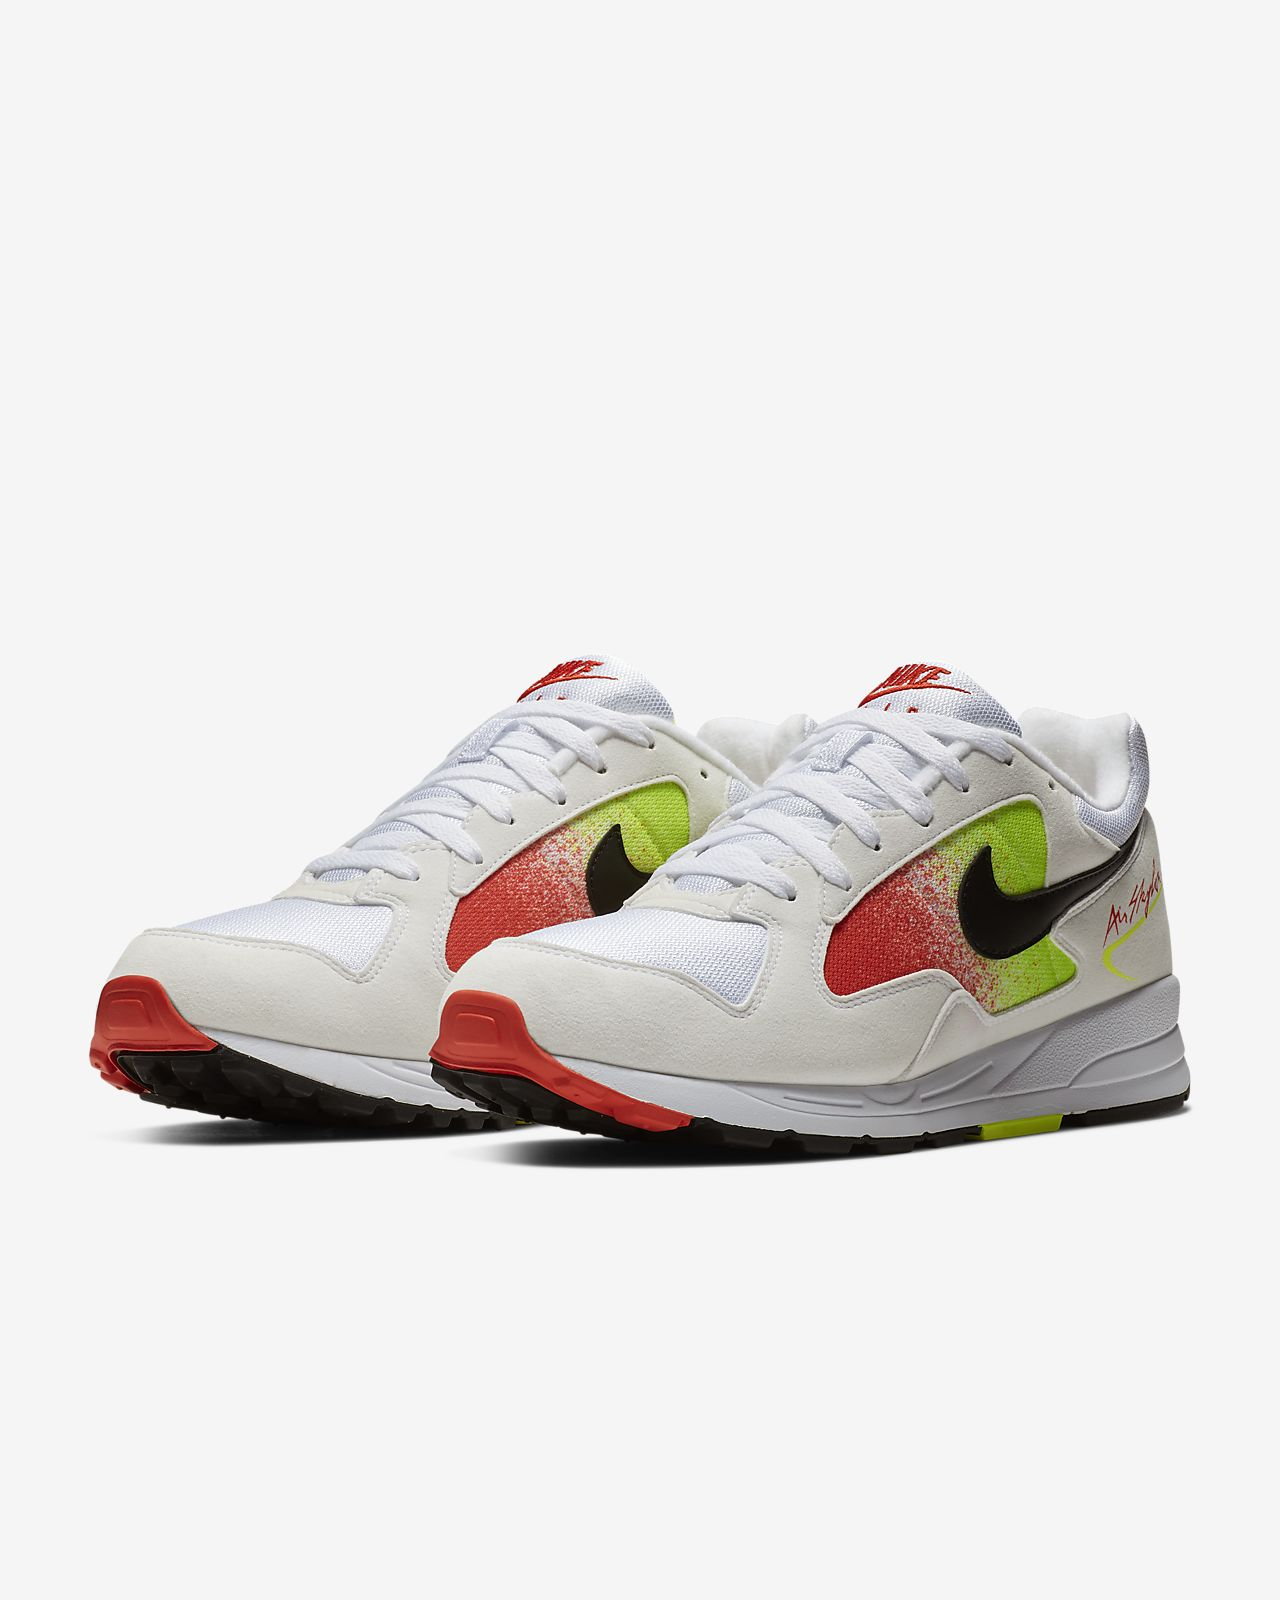 7dbb51402df Chaussure Nike Air Skylon II pour Homme. Nike.com CA